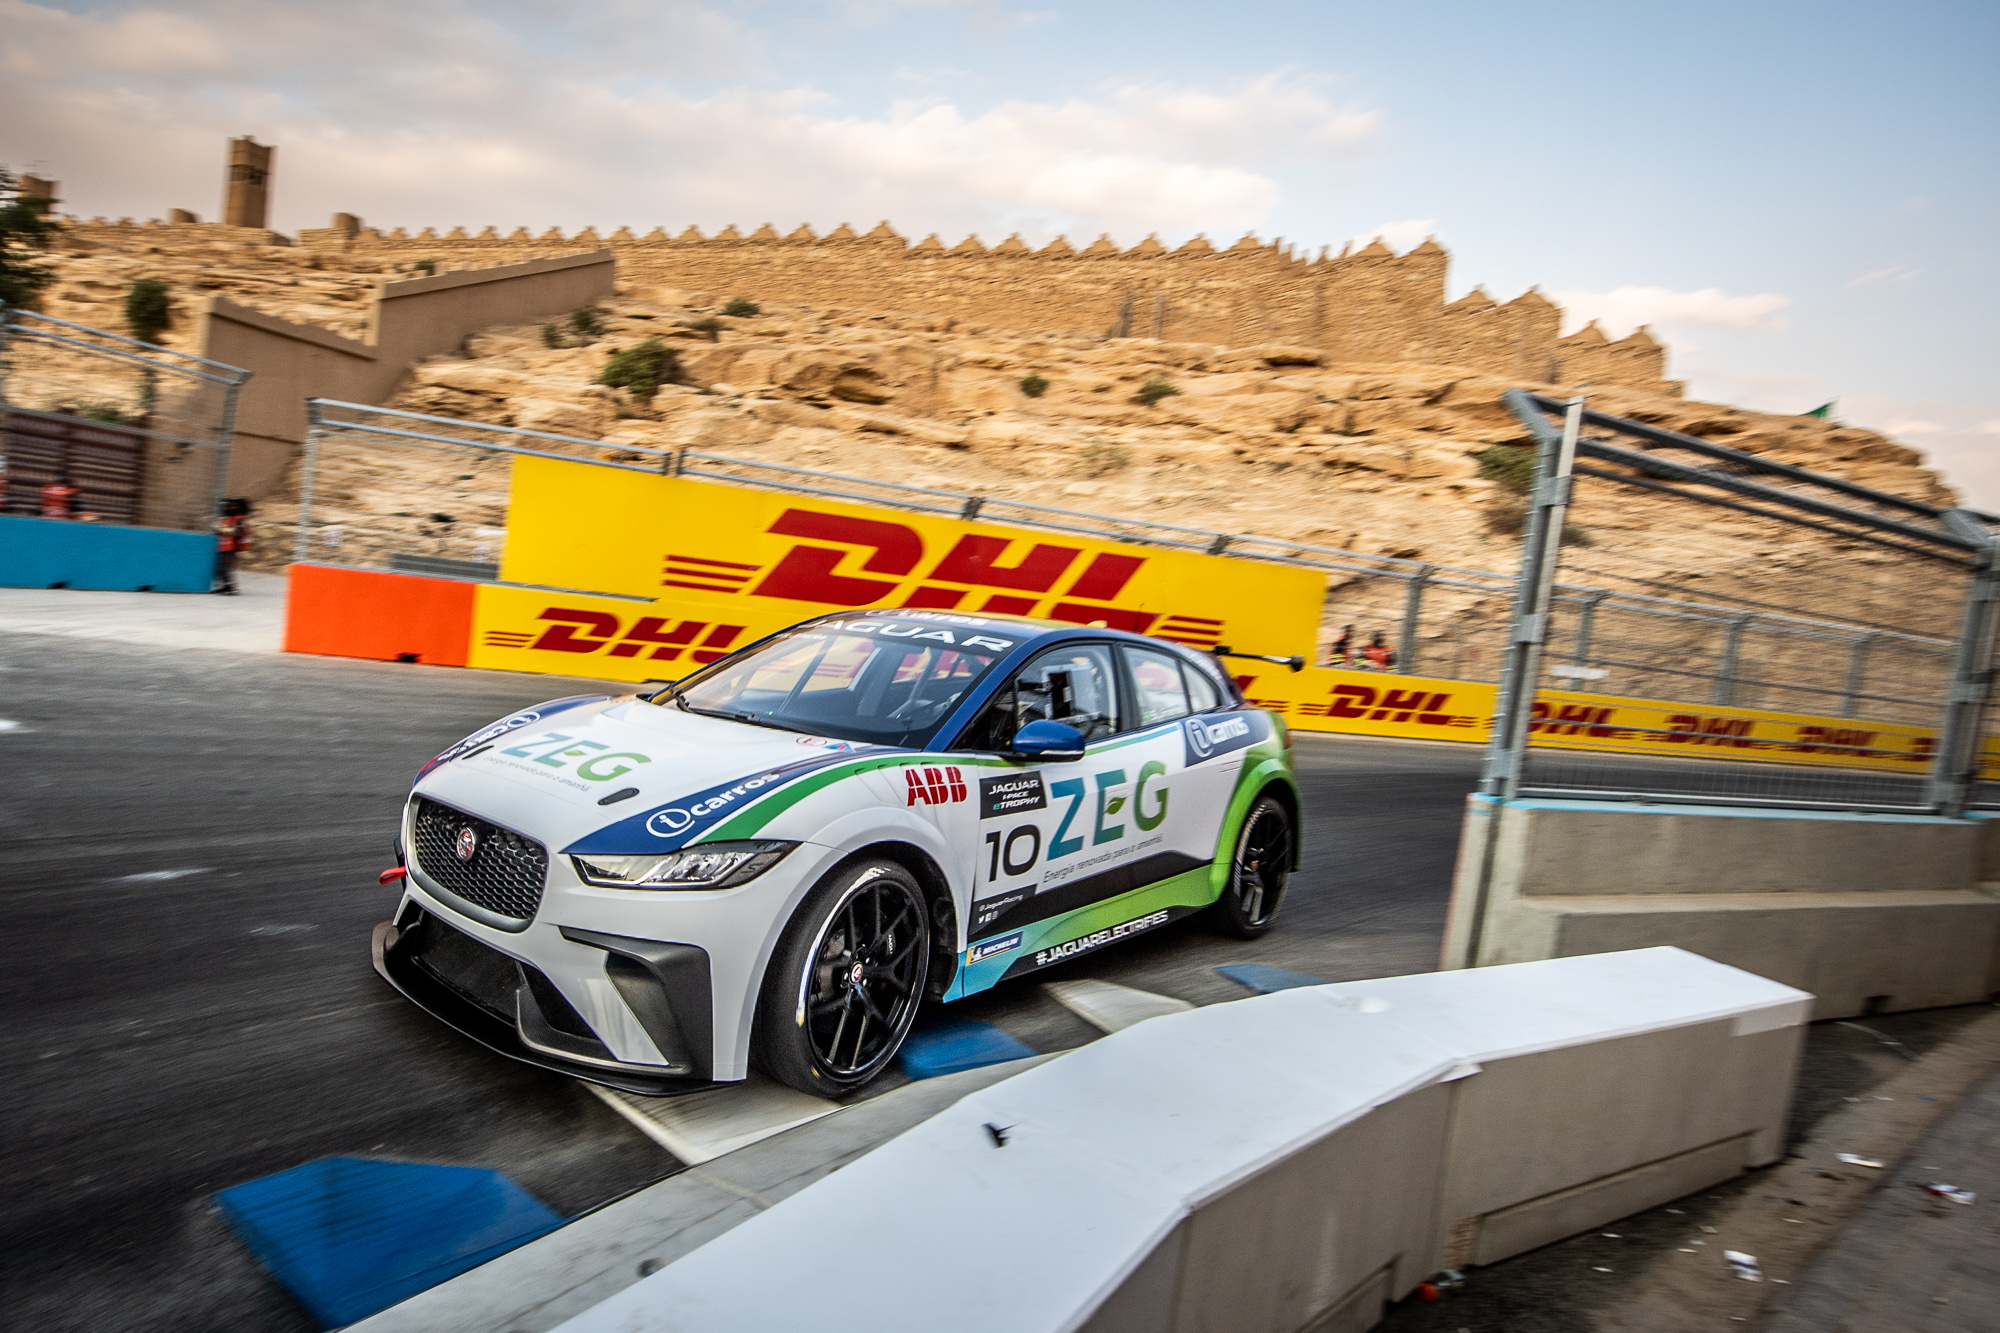 JaguarBR_1.Saudi_josemariodias_05013